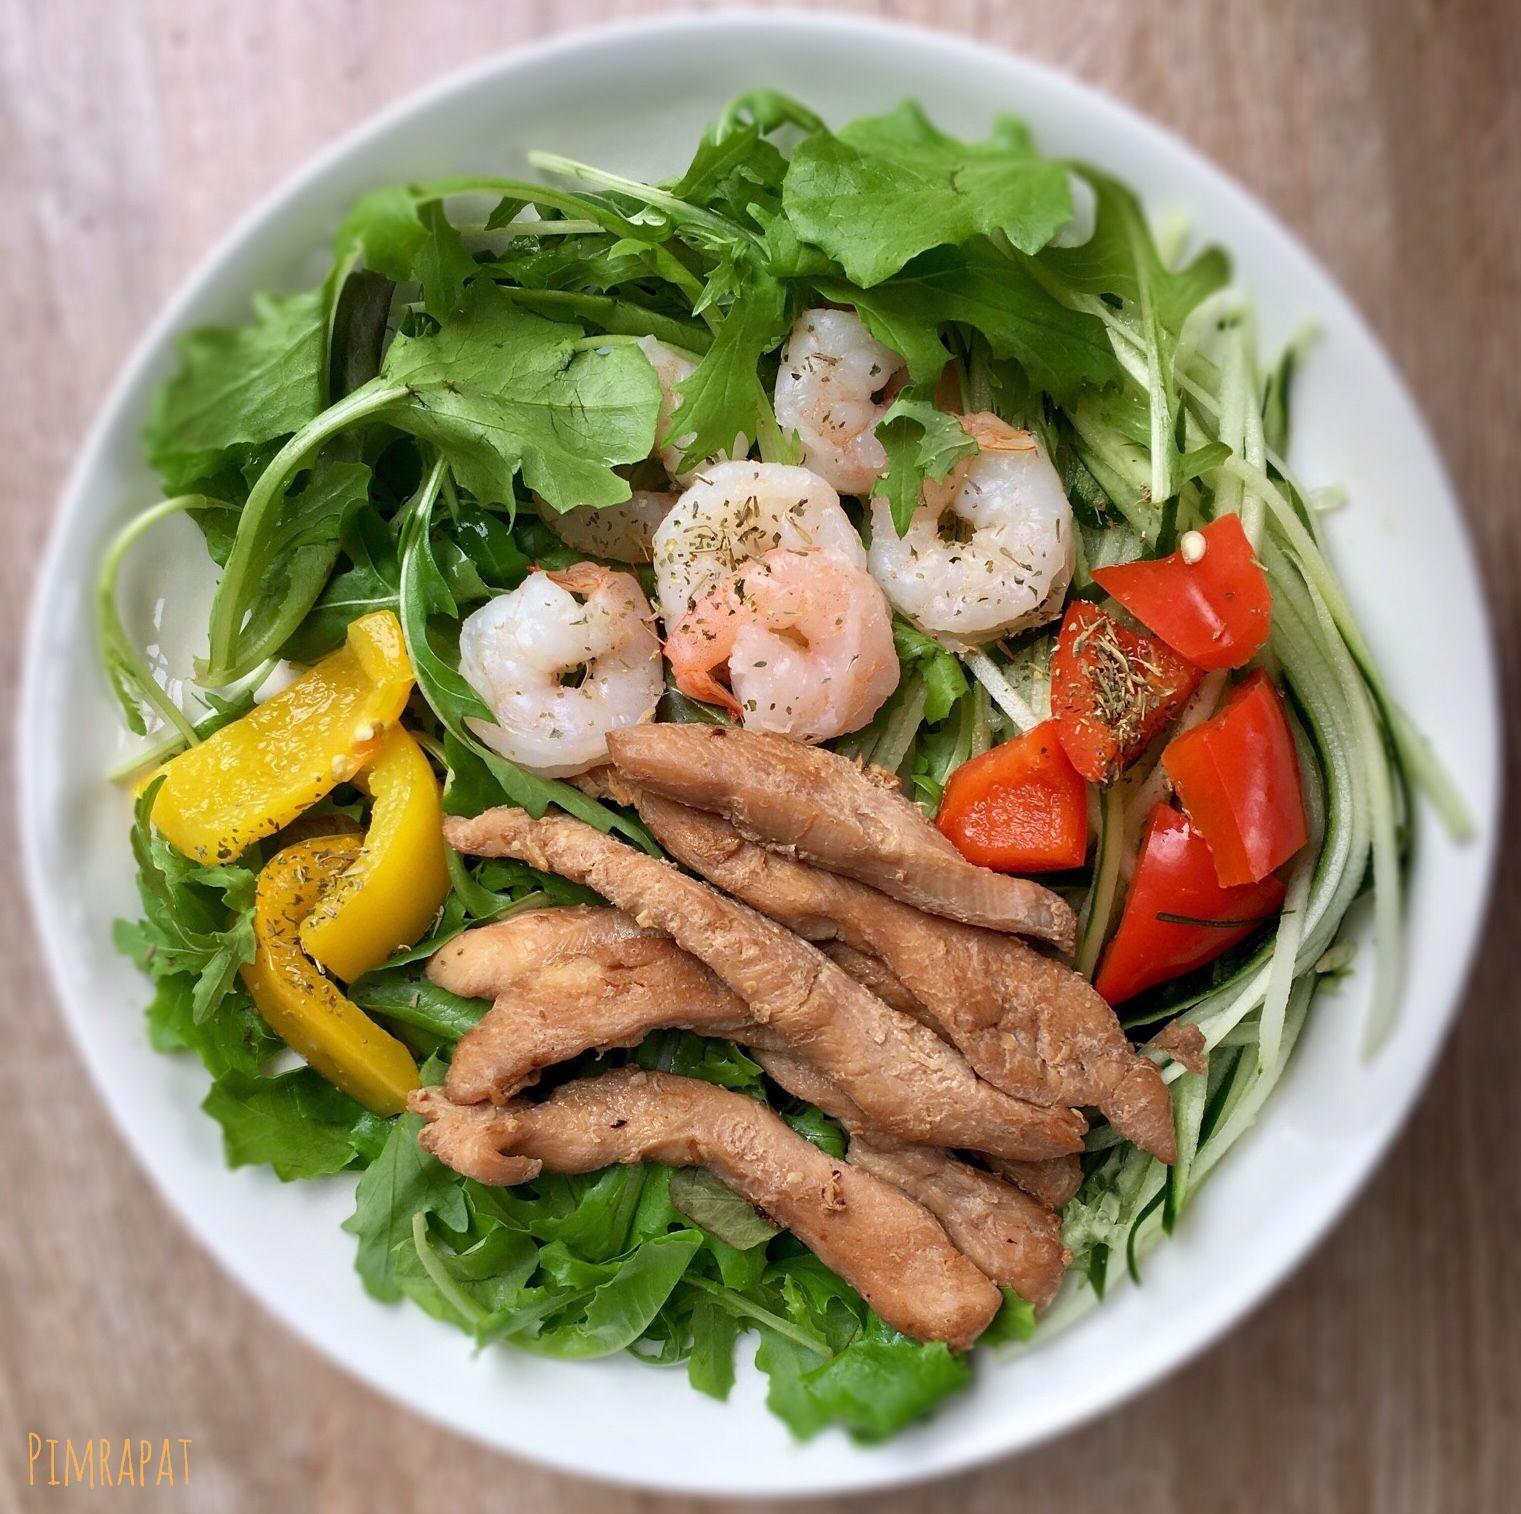 เมนูอาหารโปรตีนสำหรับการลดน้ำหนัก